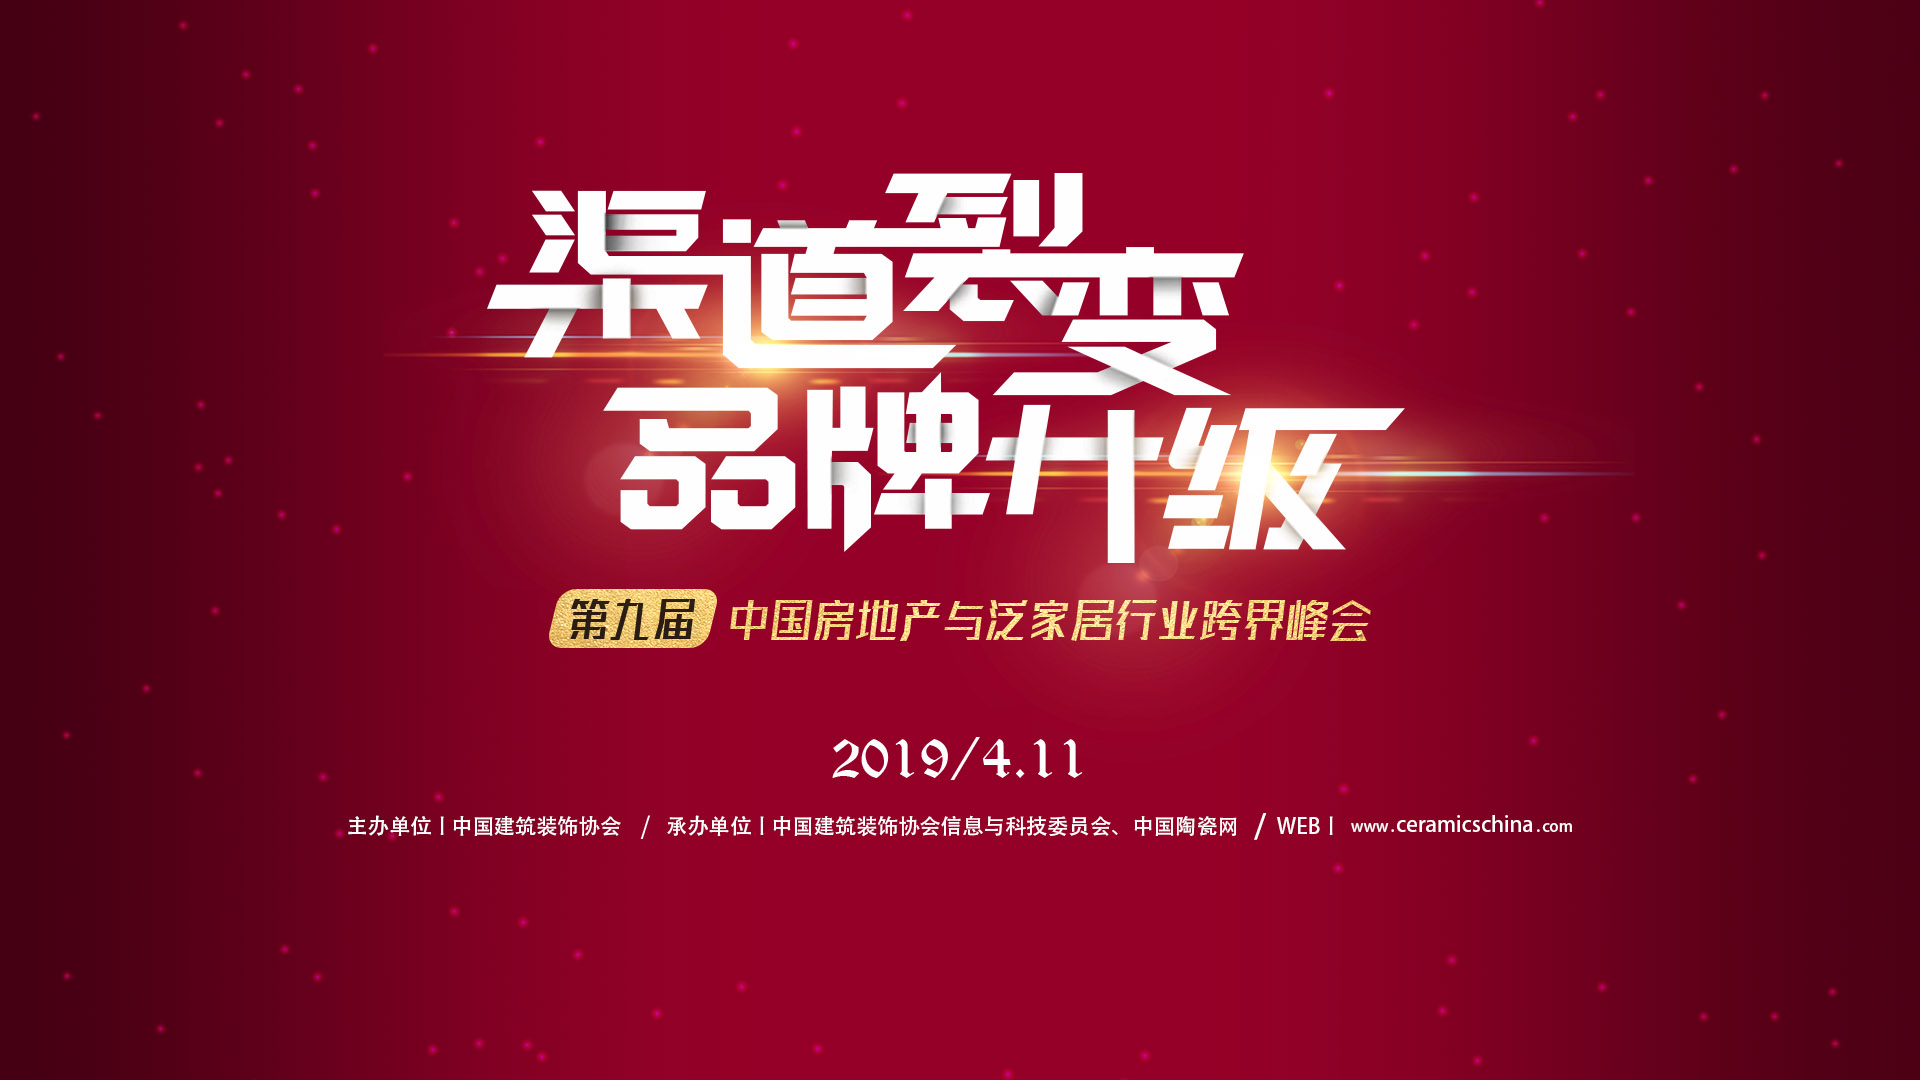 第九届中国房地产与泛家居行业跨界峰会暨2019年度中国建筑卫生陶瓷十大品牌榜颁奖盛典